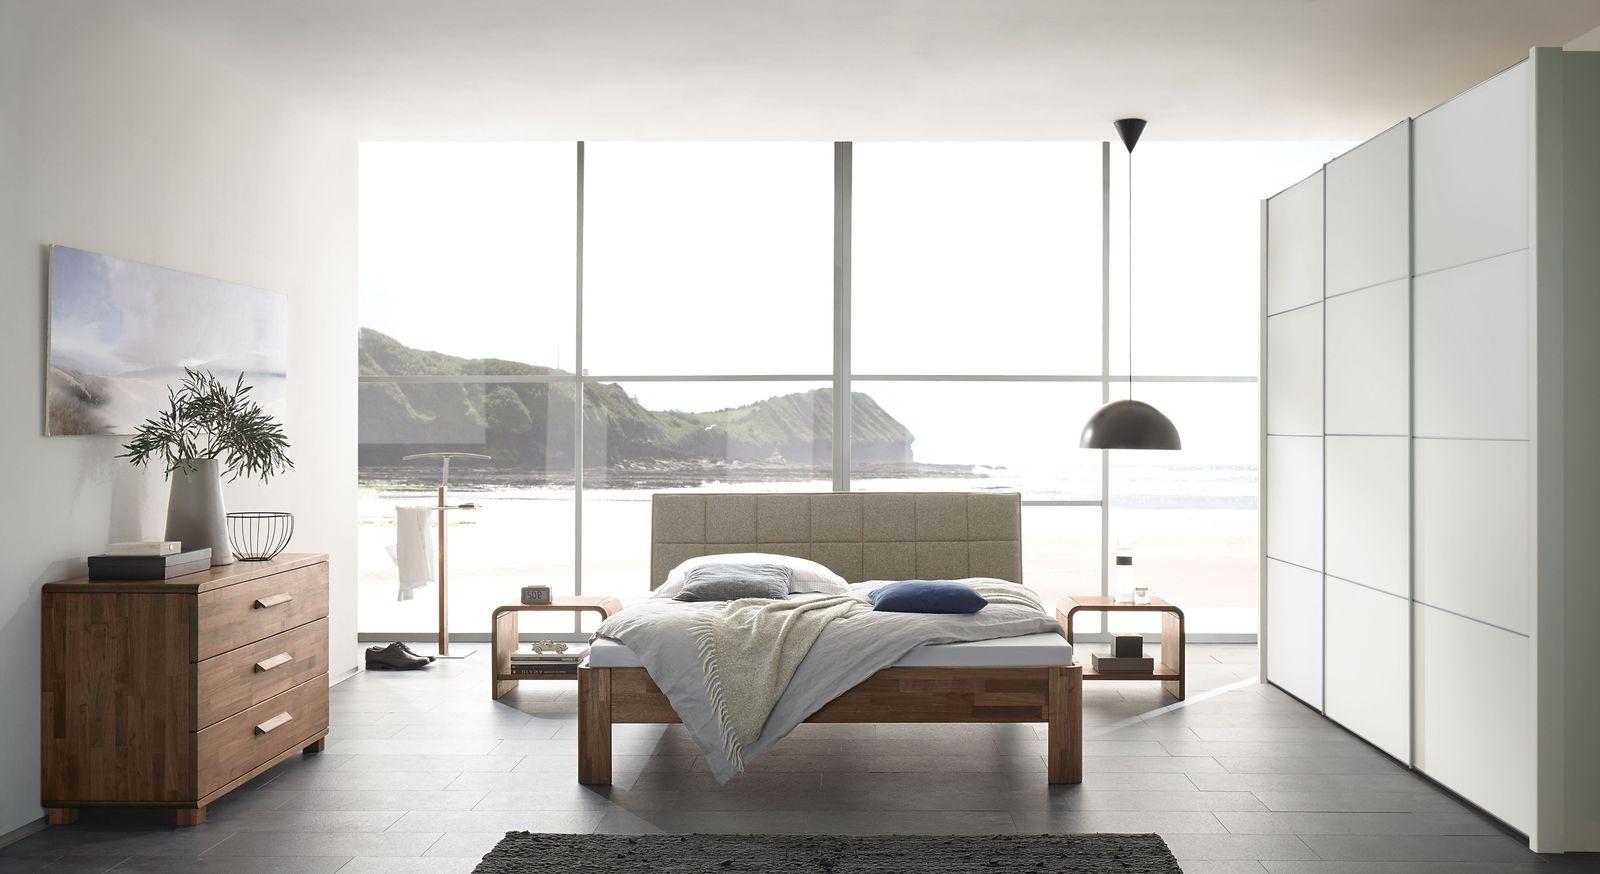 Komplett Schlafzimmer Pello Mit Abgestimmten Möbeln